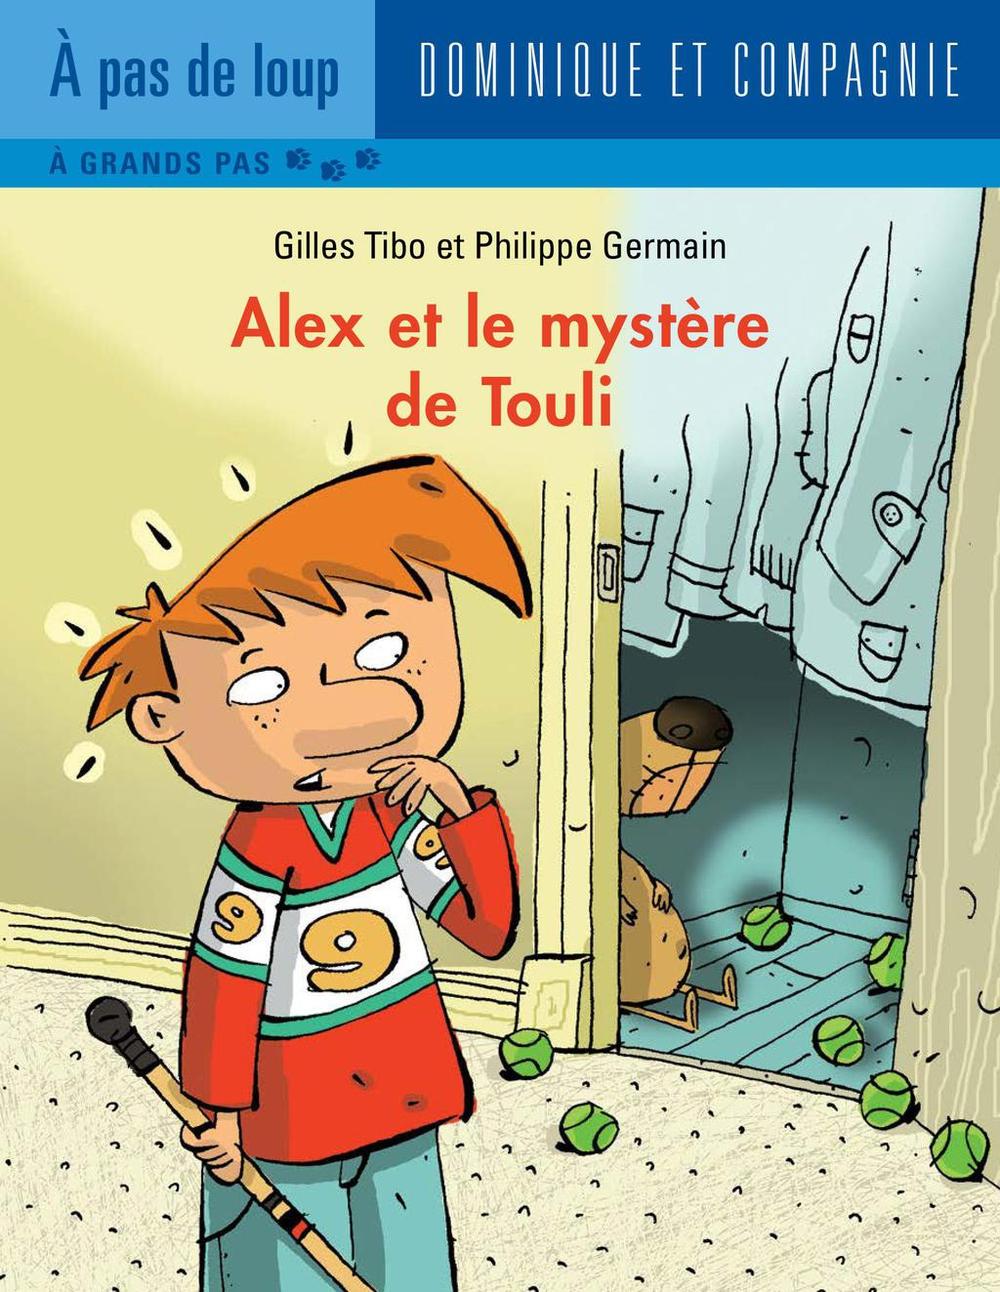 Alex et le mystère de Touli